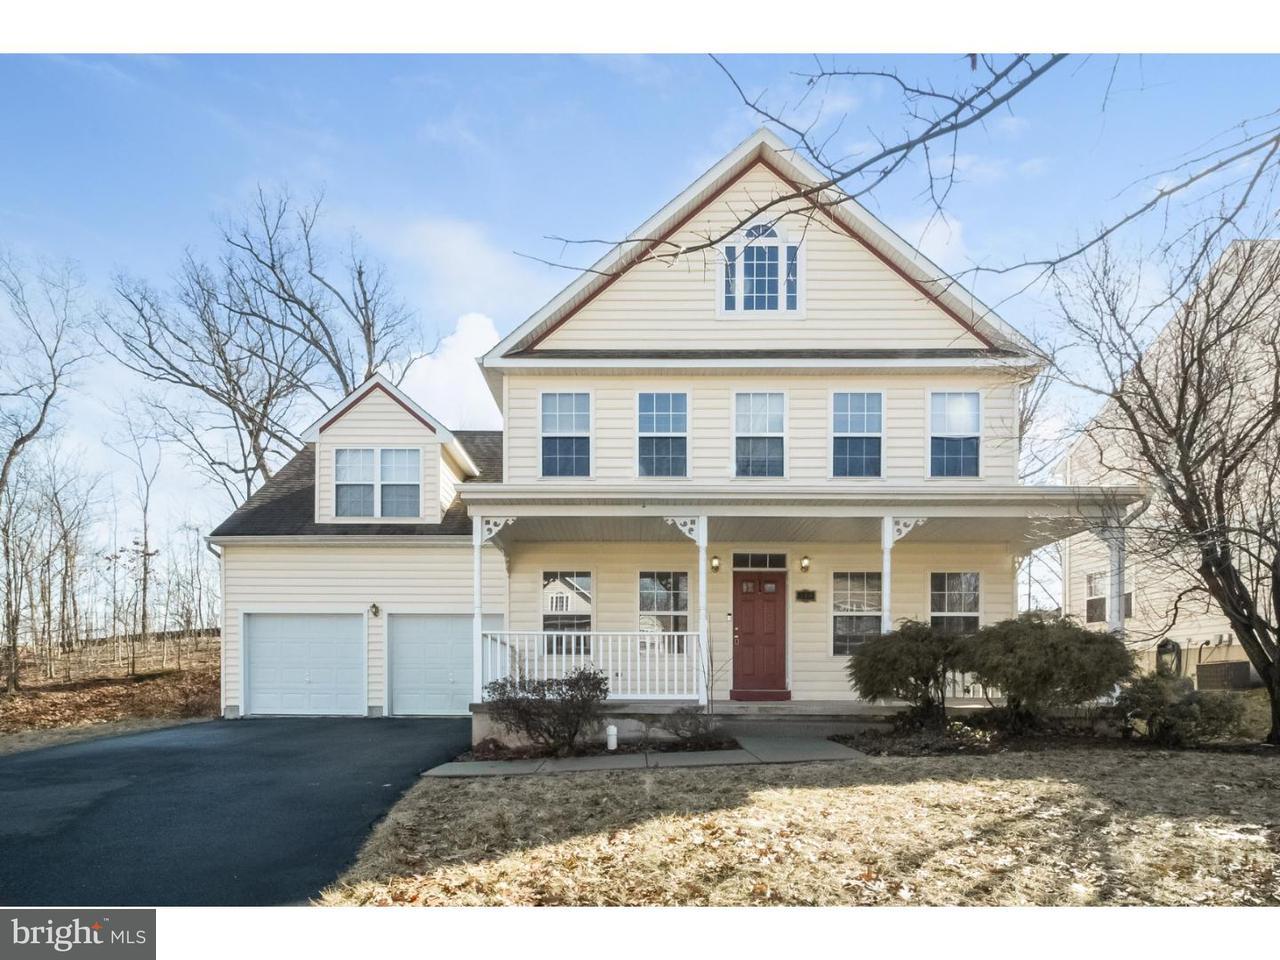 Nhà ở một gia đình vì Thuê tại 180 GLENWOOD Avenue Collegeville, Pennsylvania 19426 Hoa Kỳ